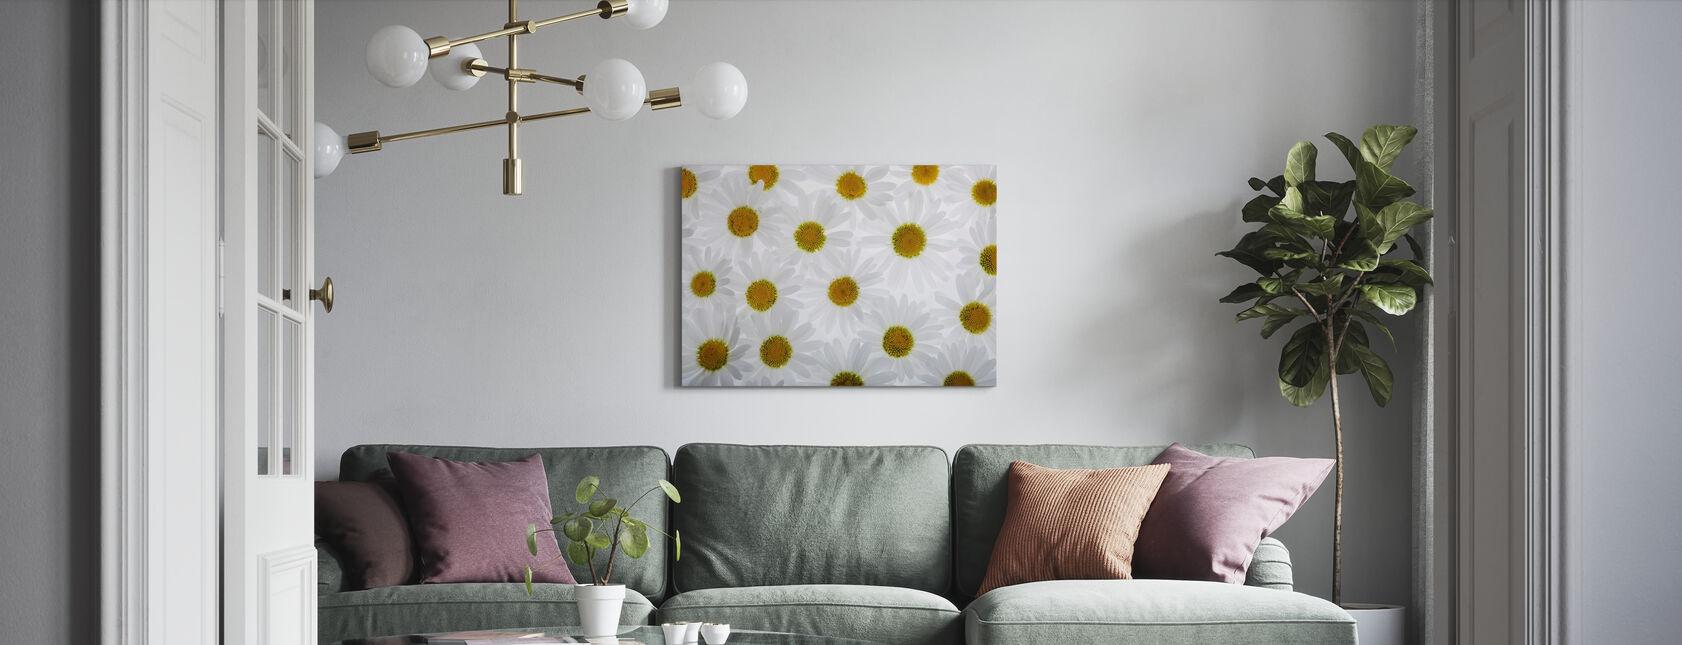 Vloer van witte bloemen - Canvas print - Woonkamer